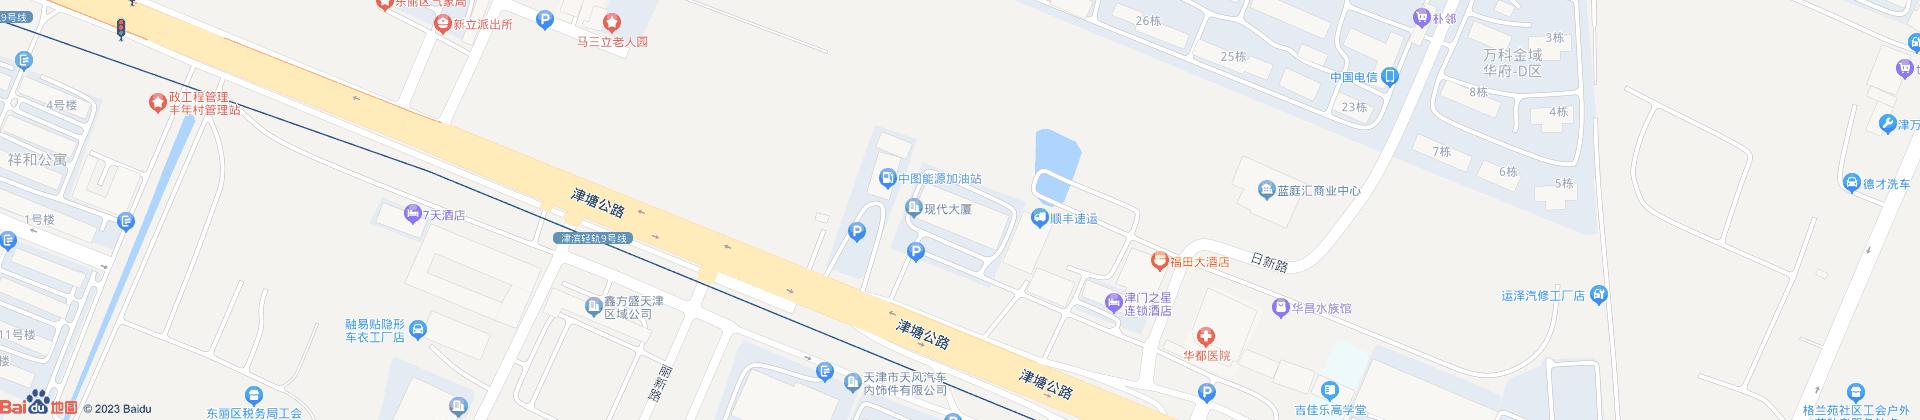 天津市硕祥胶粘制品有限公司